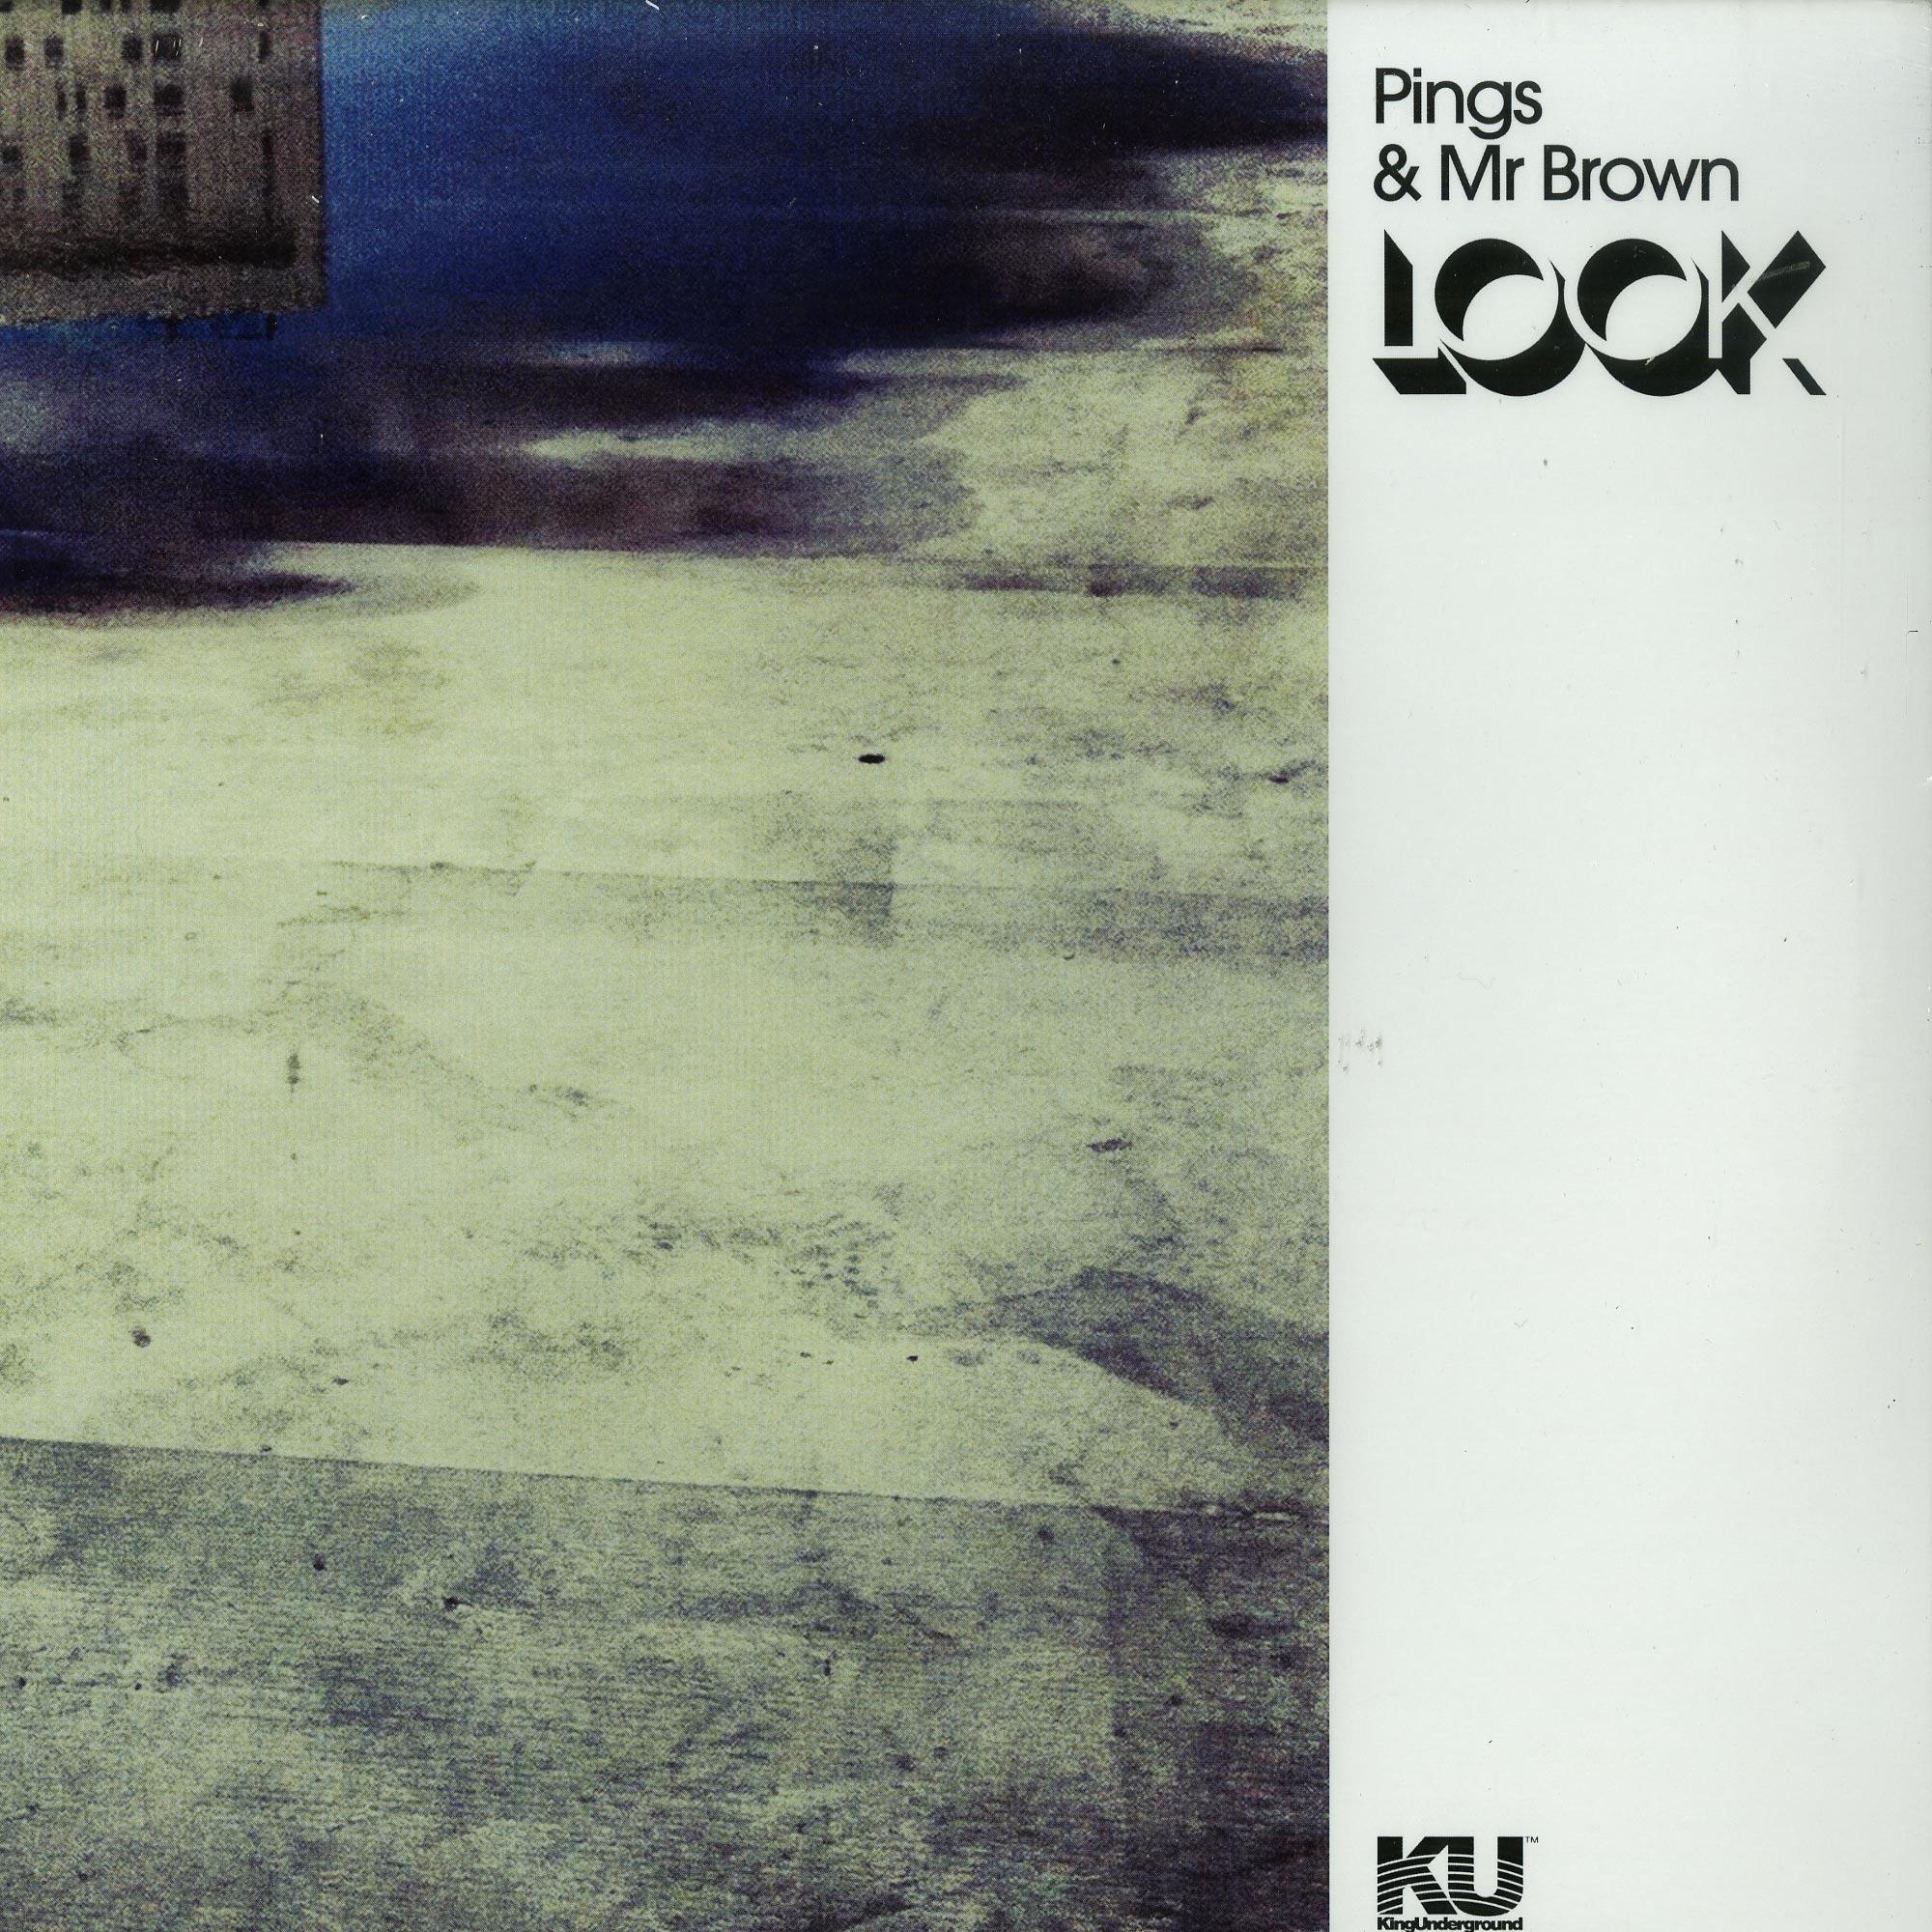 Pings & Mr Brown - LOOK EP